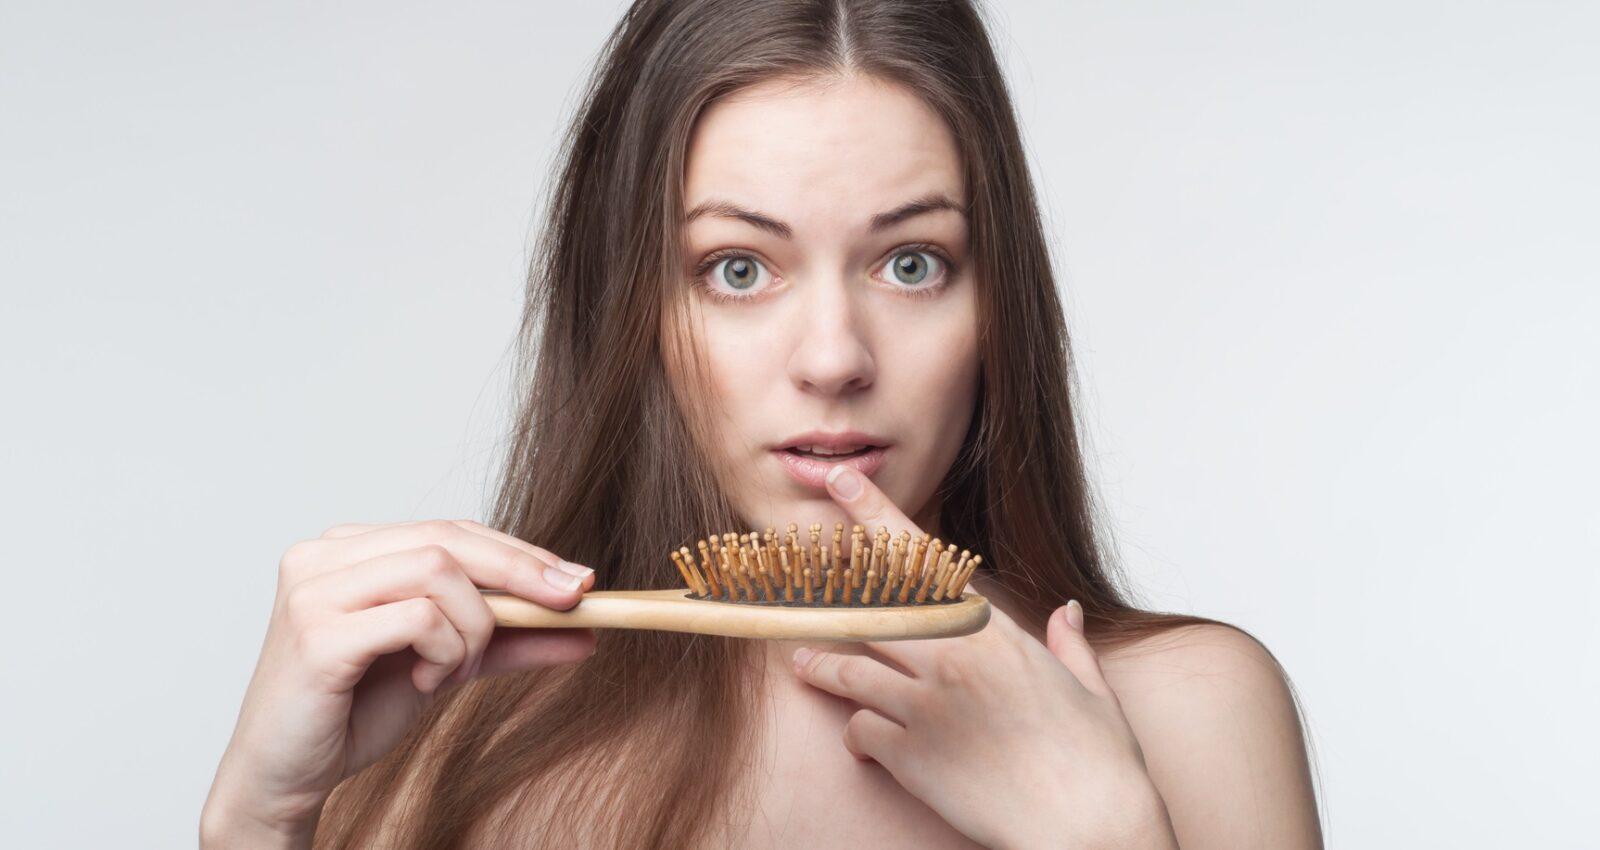 Domowe sposoby na wypadanie włosów - jakie istnieja